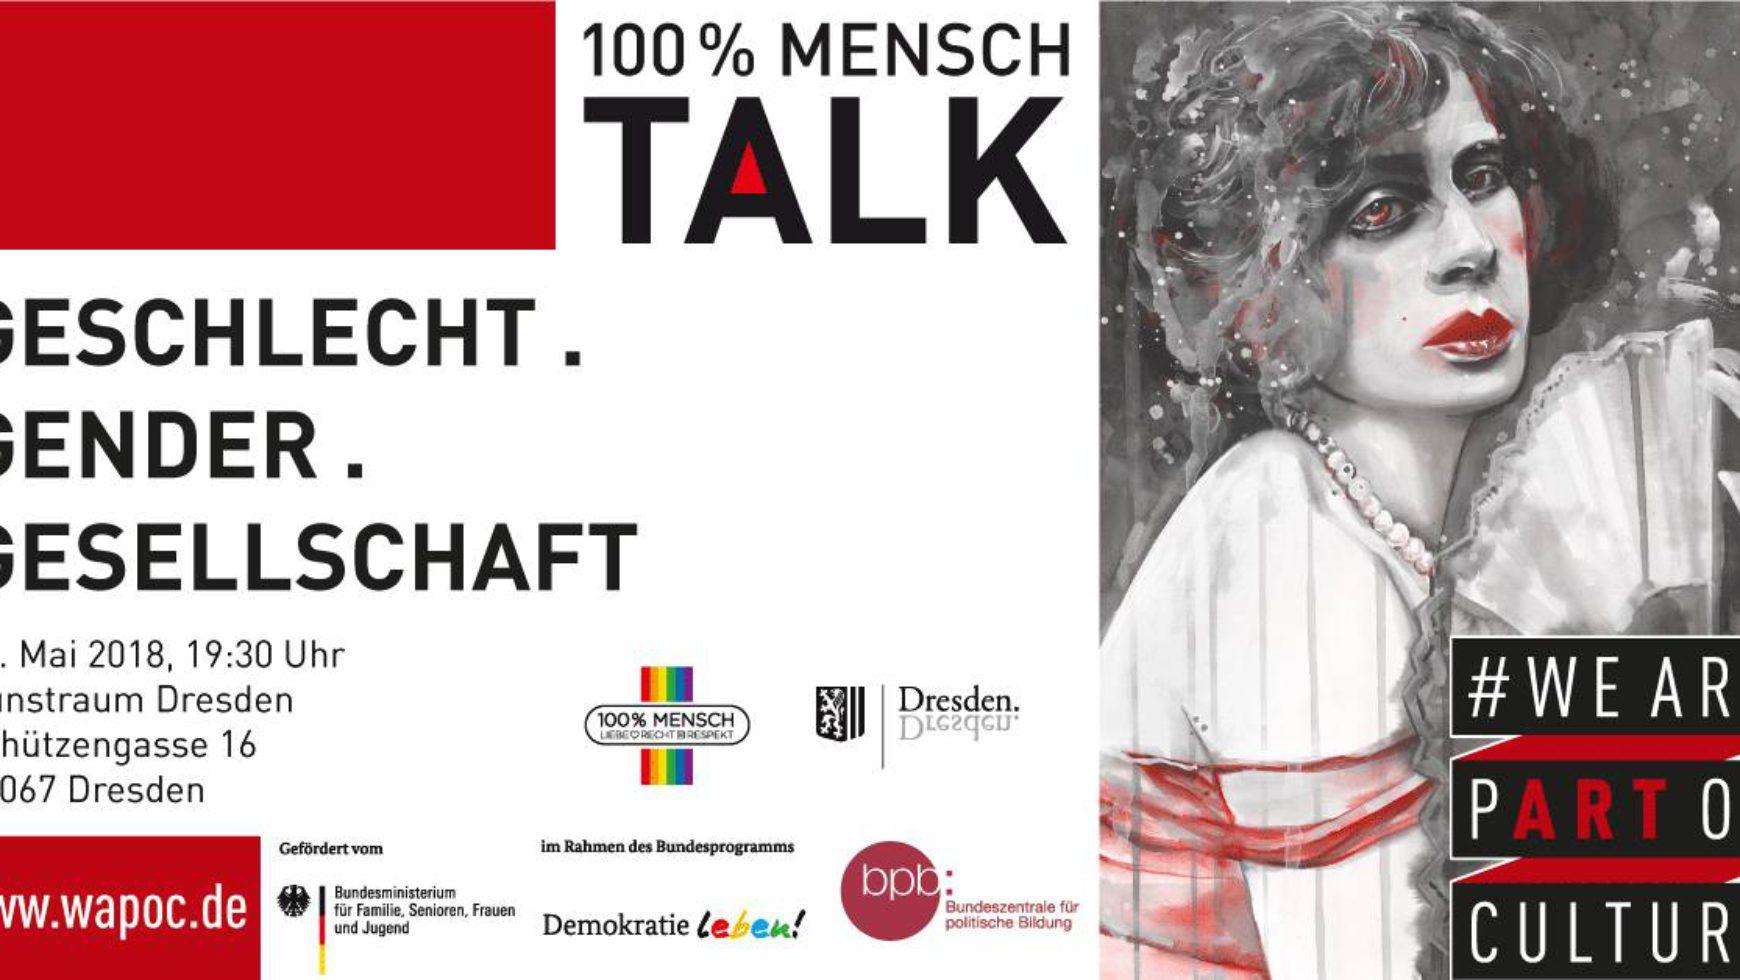 100% Mensch Talk: Geschlecht . Gender . Gesellschaft